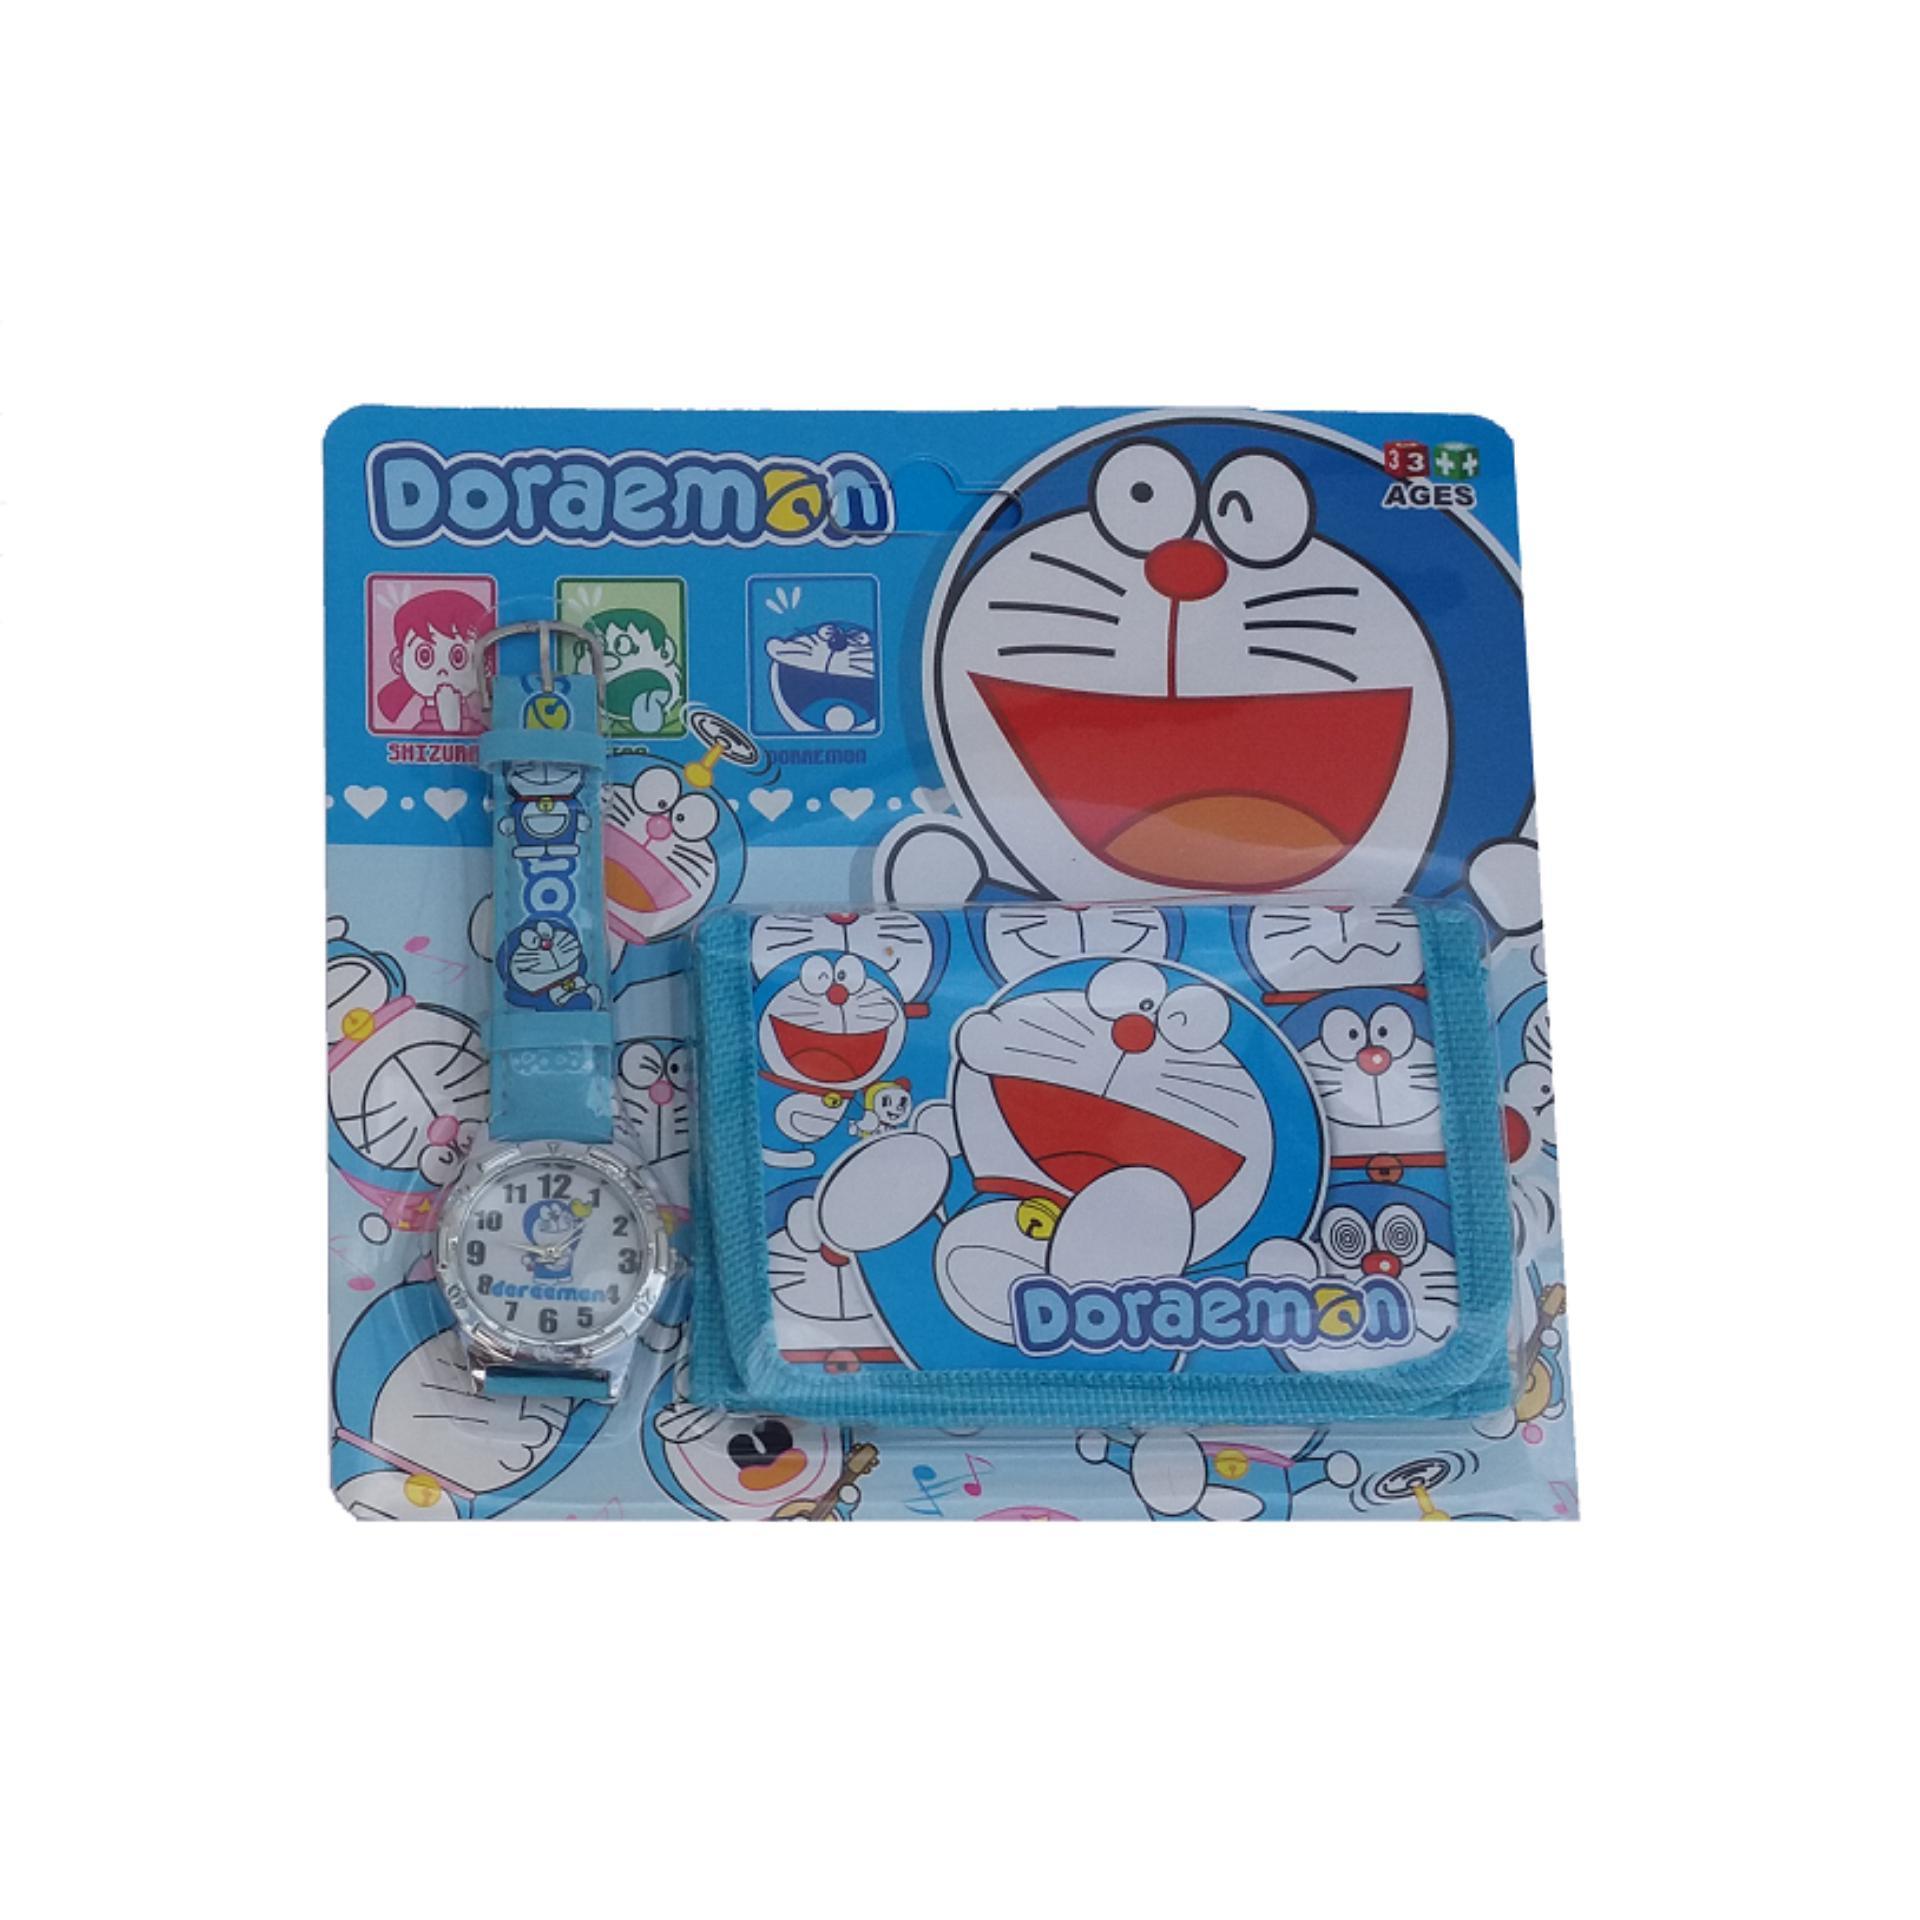 Coba Bandingkan Barang Jam Tangan Doraemon Stainless Paling Anak Thomas Karakter